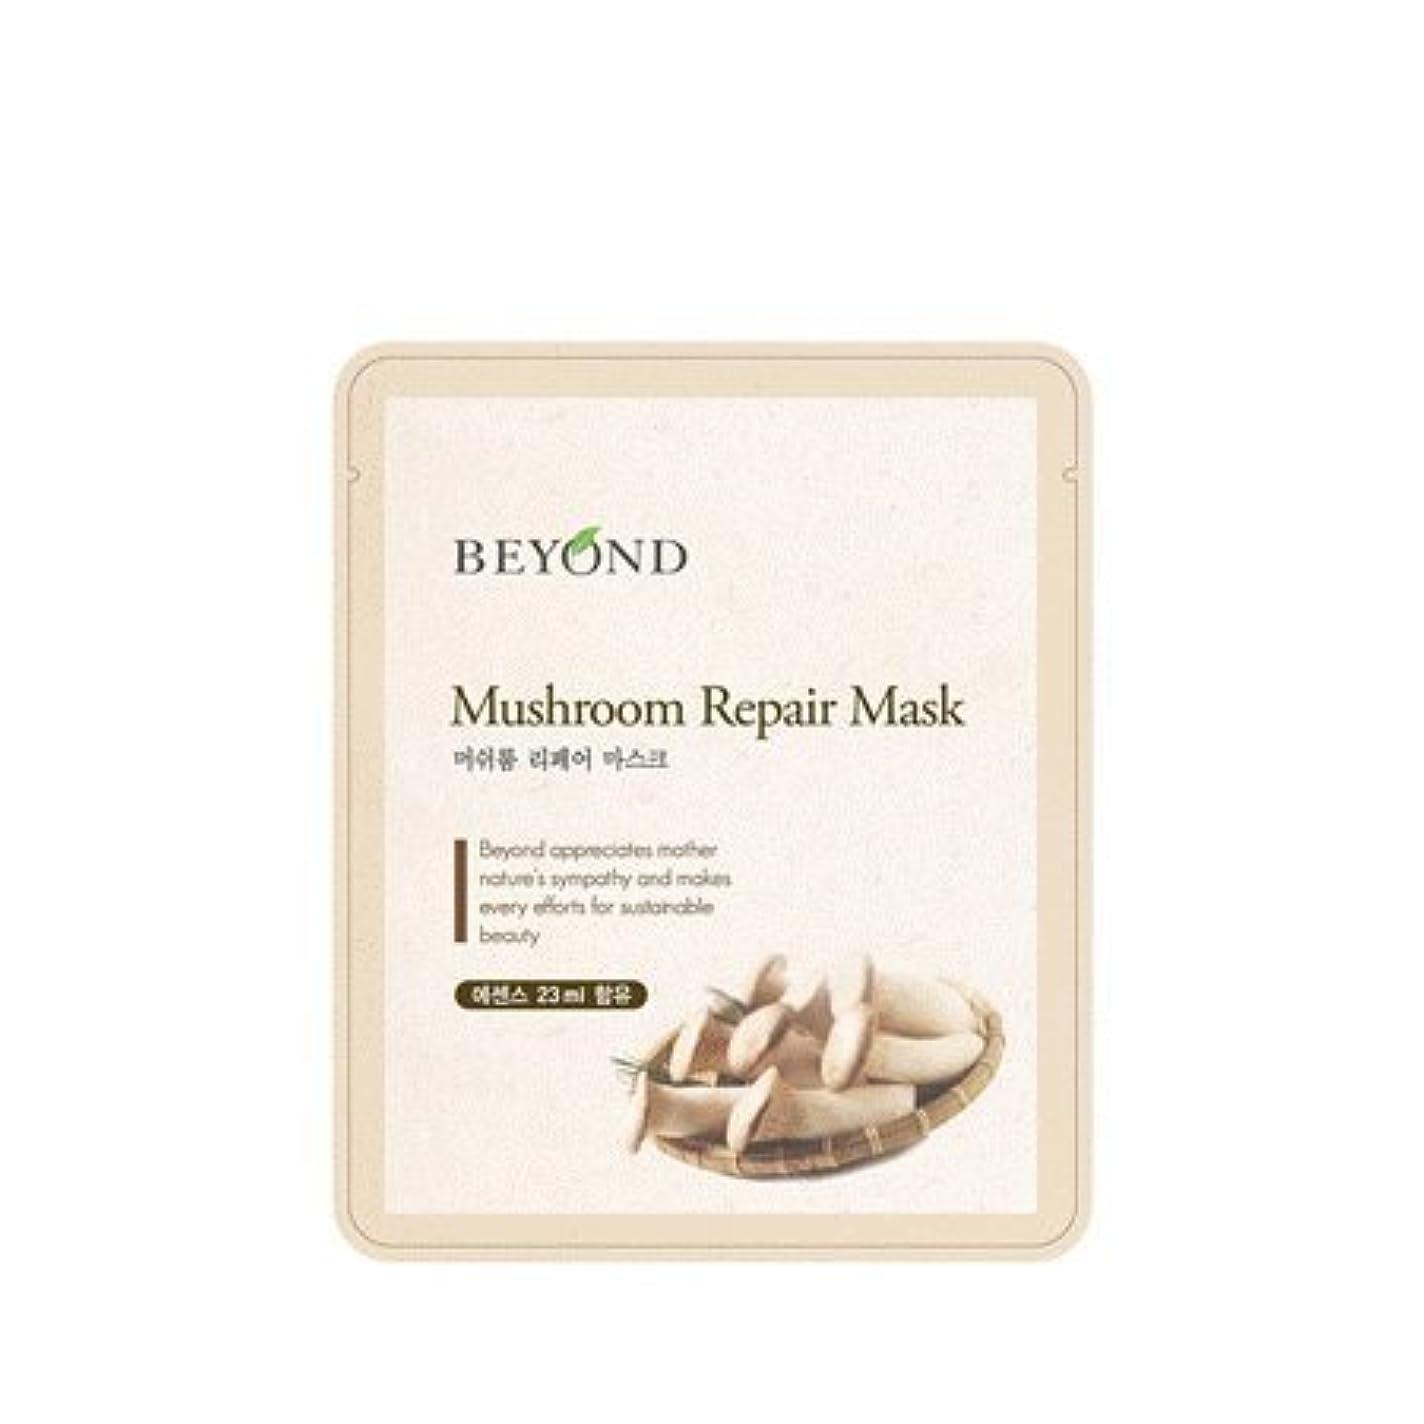 清める瞑想する火山学Beyond mask sheet 5ea (Mushroom Repair Mask)